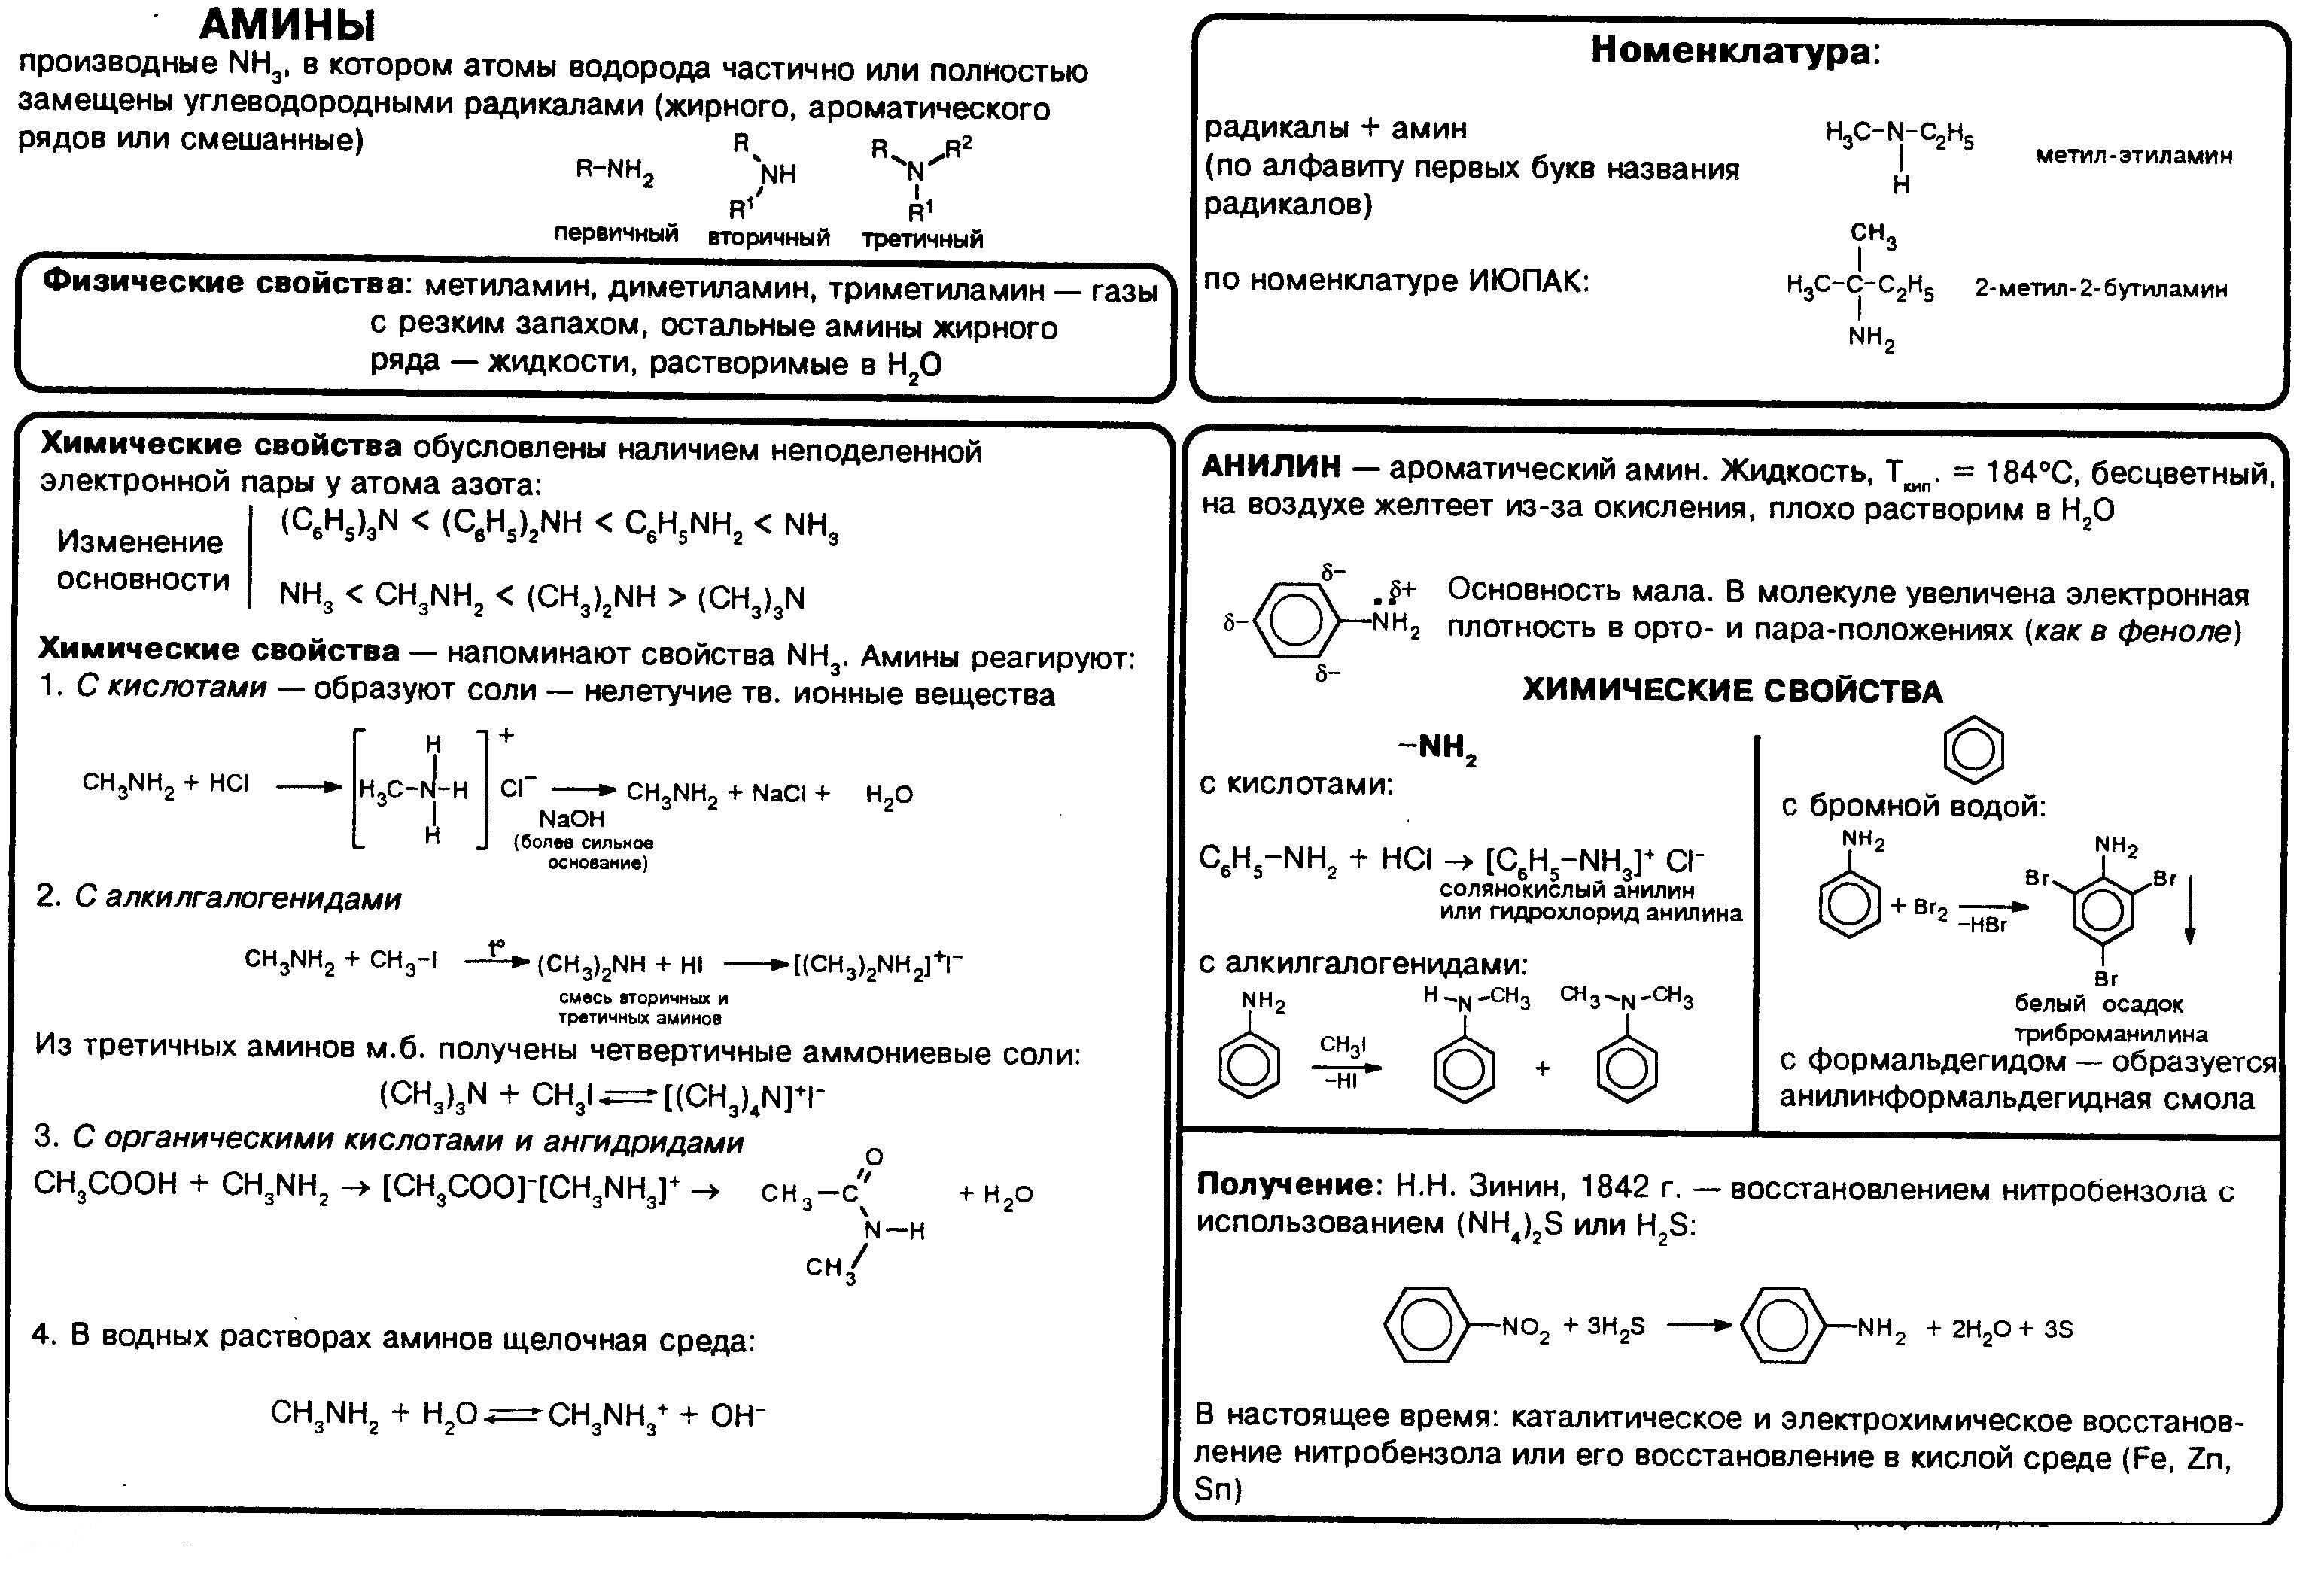 aminy-nomenklatura-poluchenie-svojstva